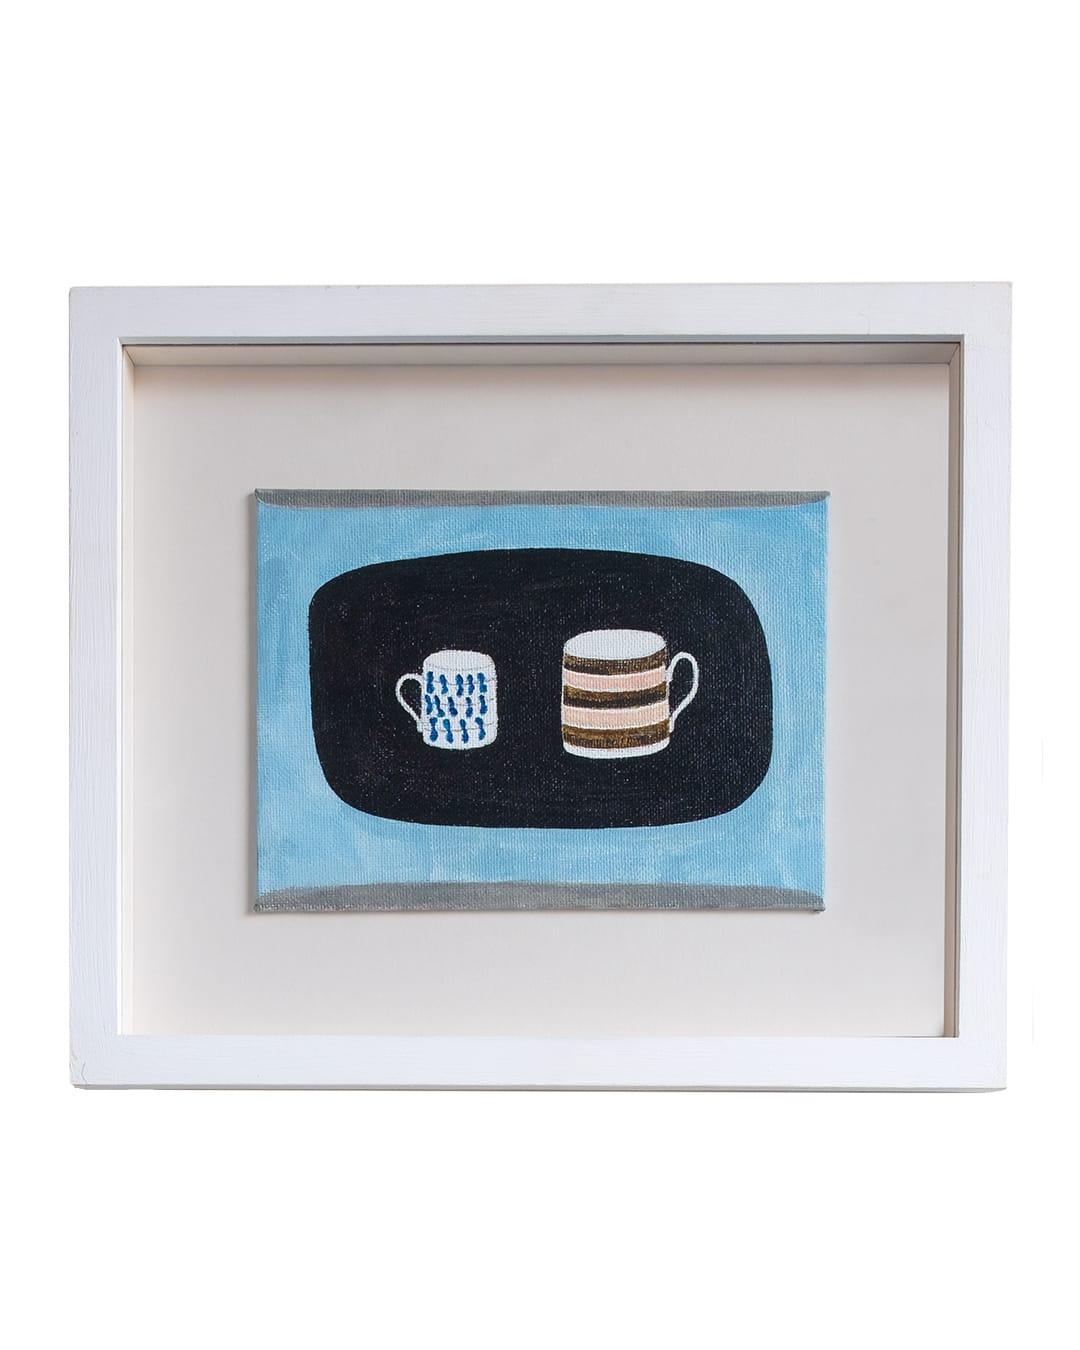 Rachel Nicholson Small and Striped Mug Oil on board h23.5 x w28 cm